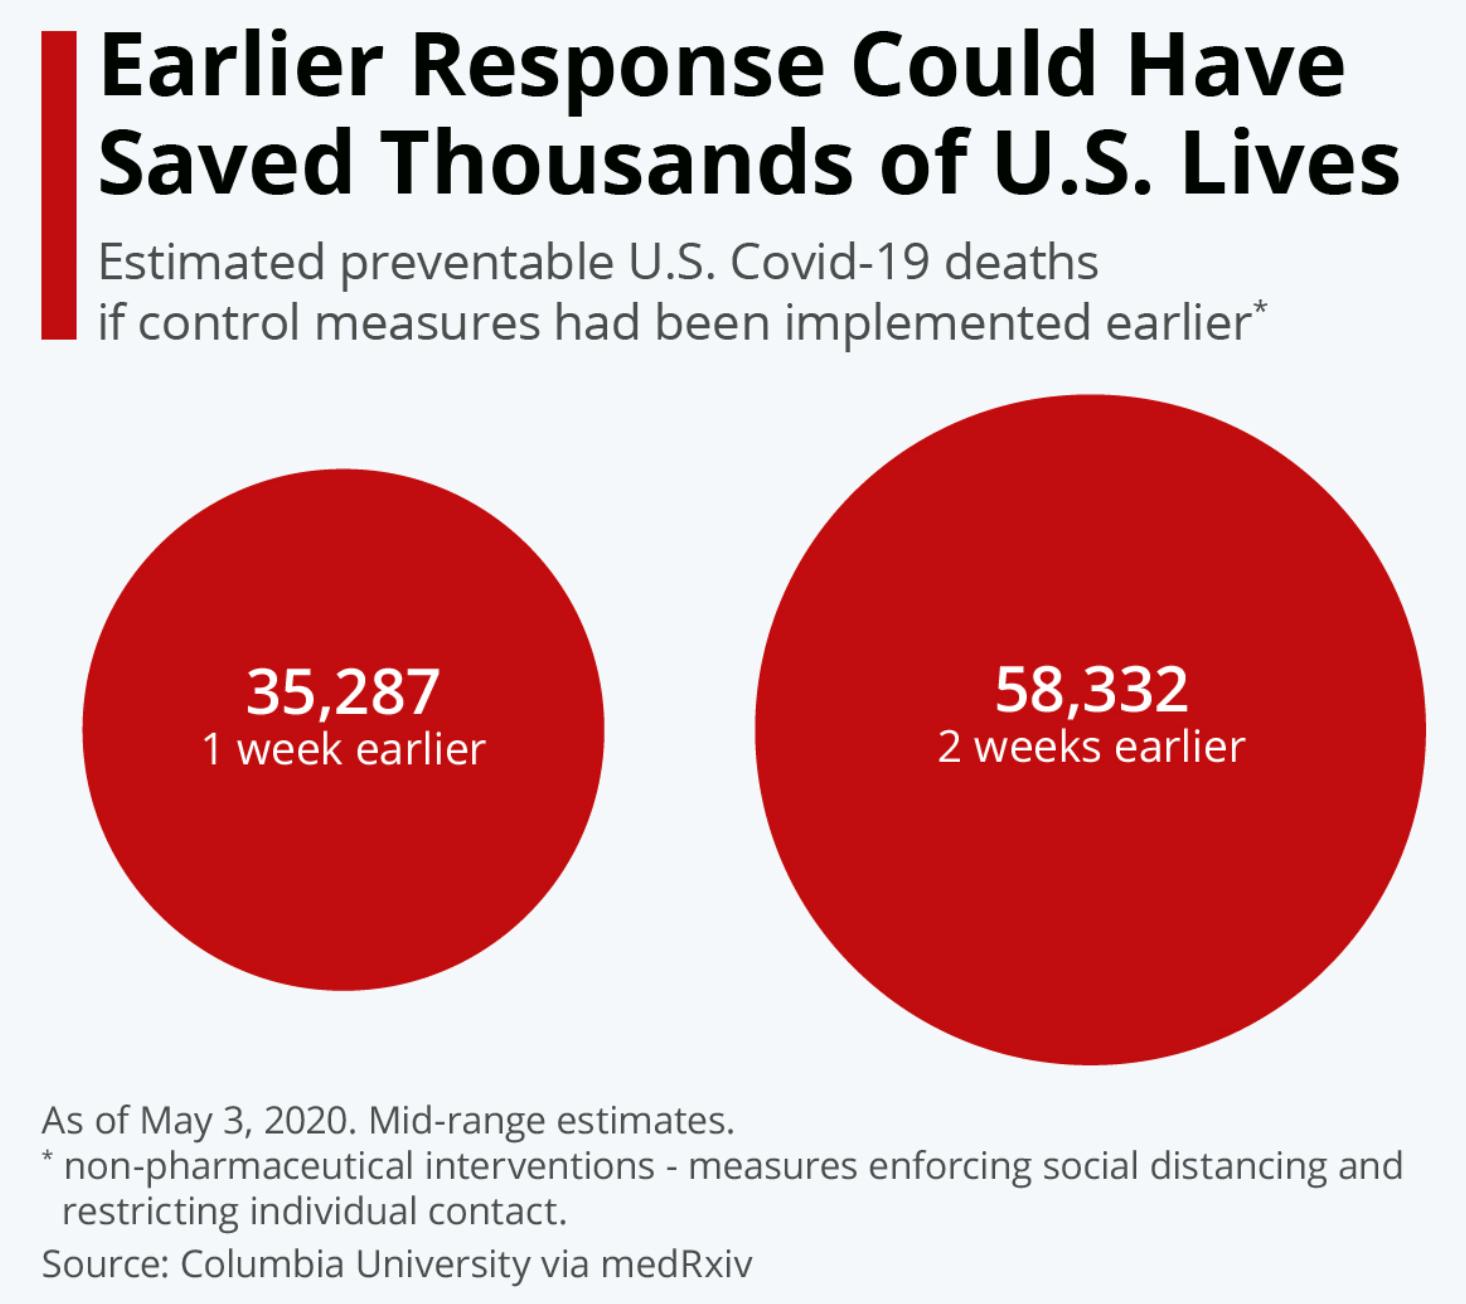 哥伦比亚大学的一项研究表明,如果比原先提前一周实行加强社交隔离等抗疫措施,...